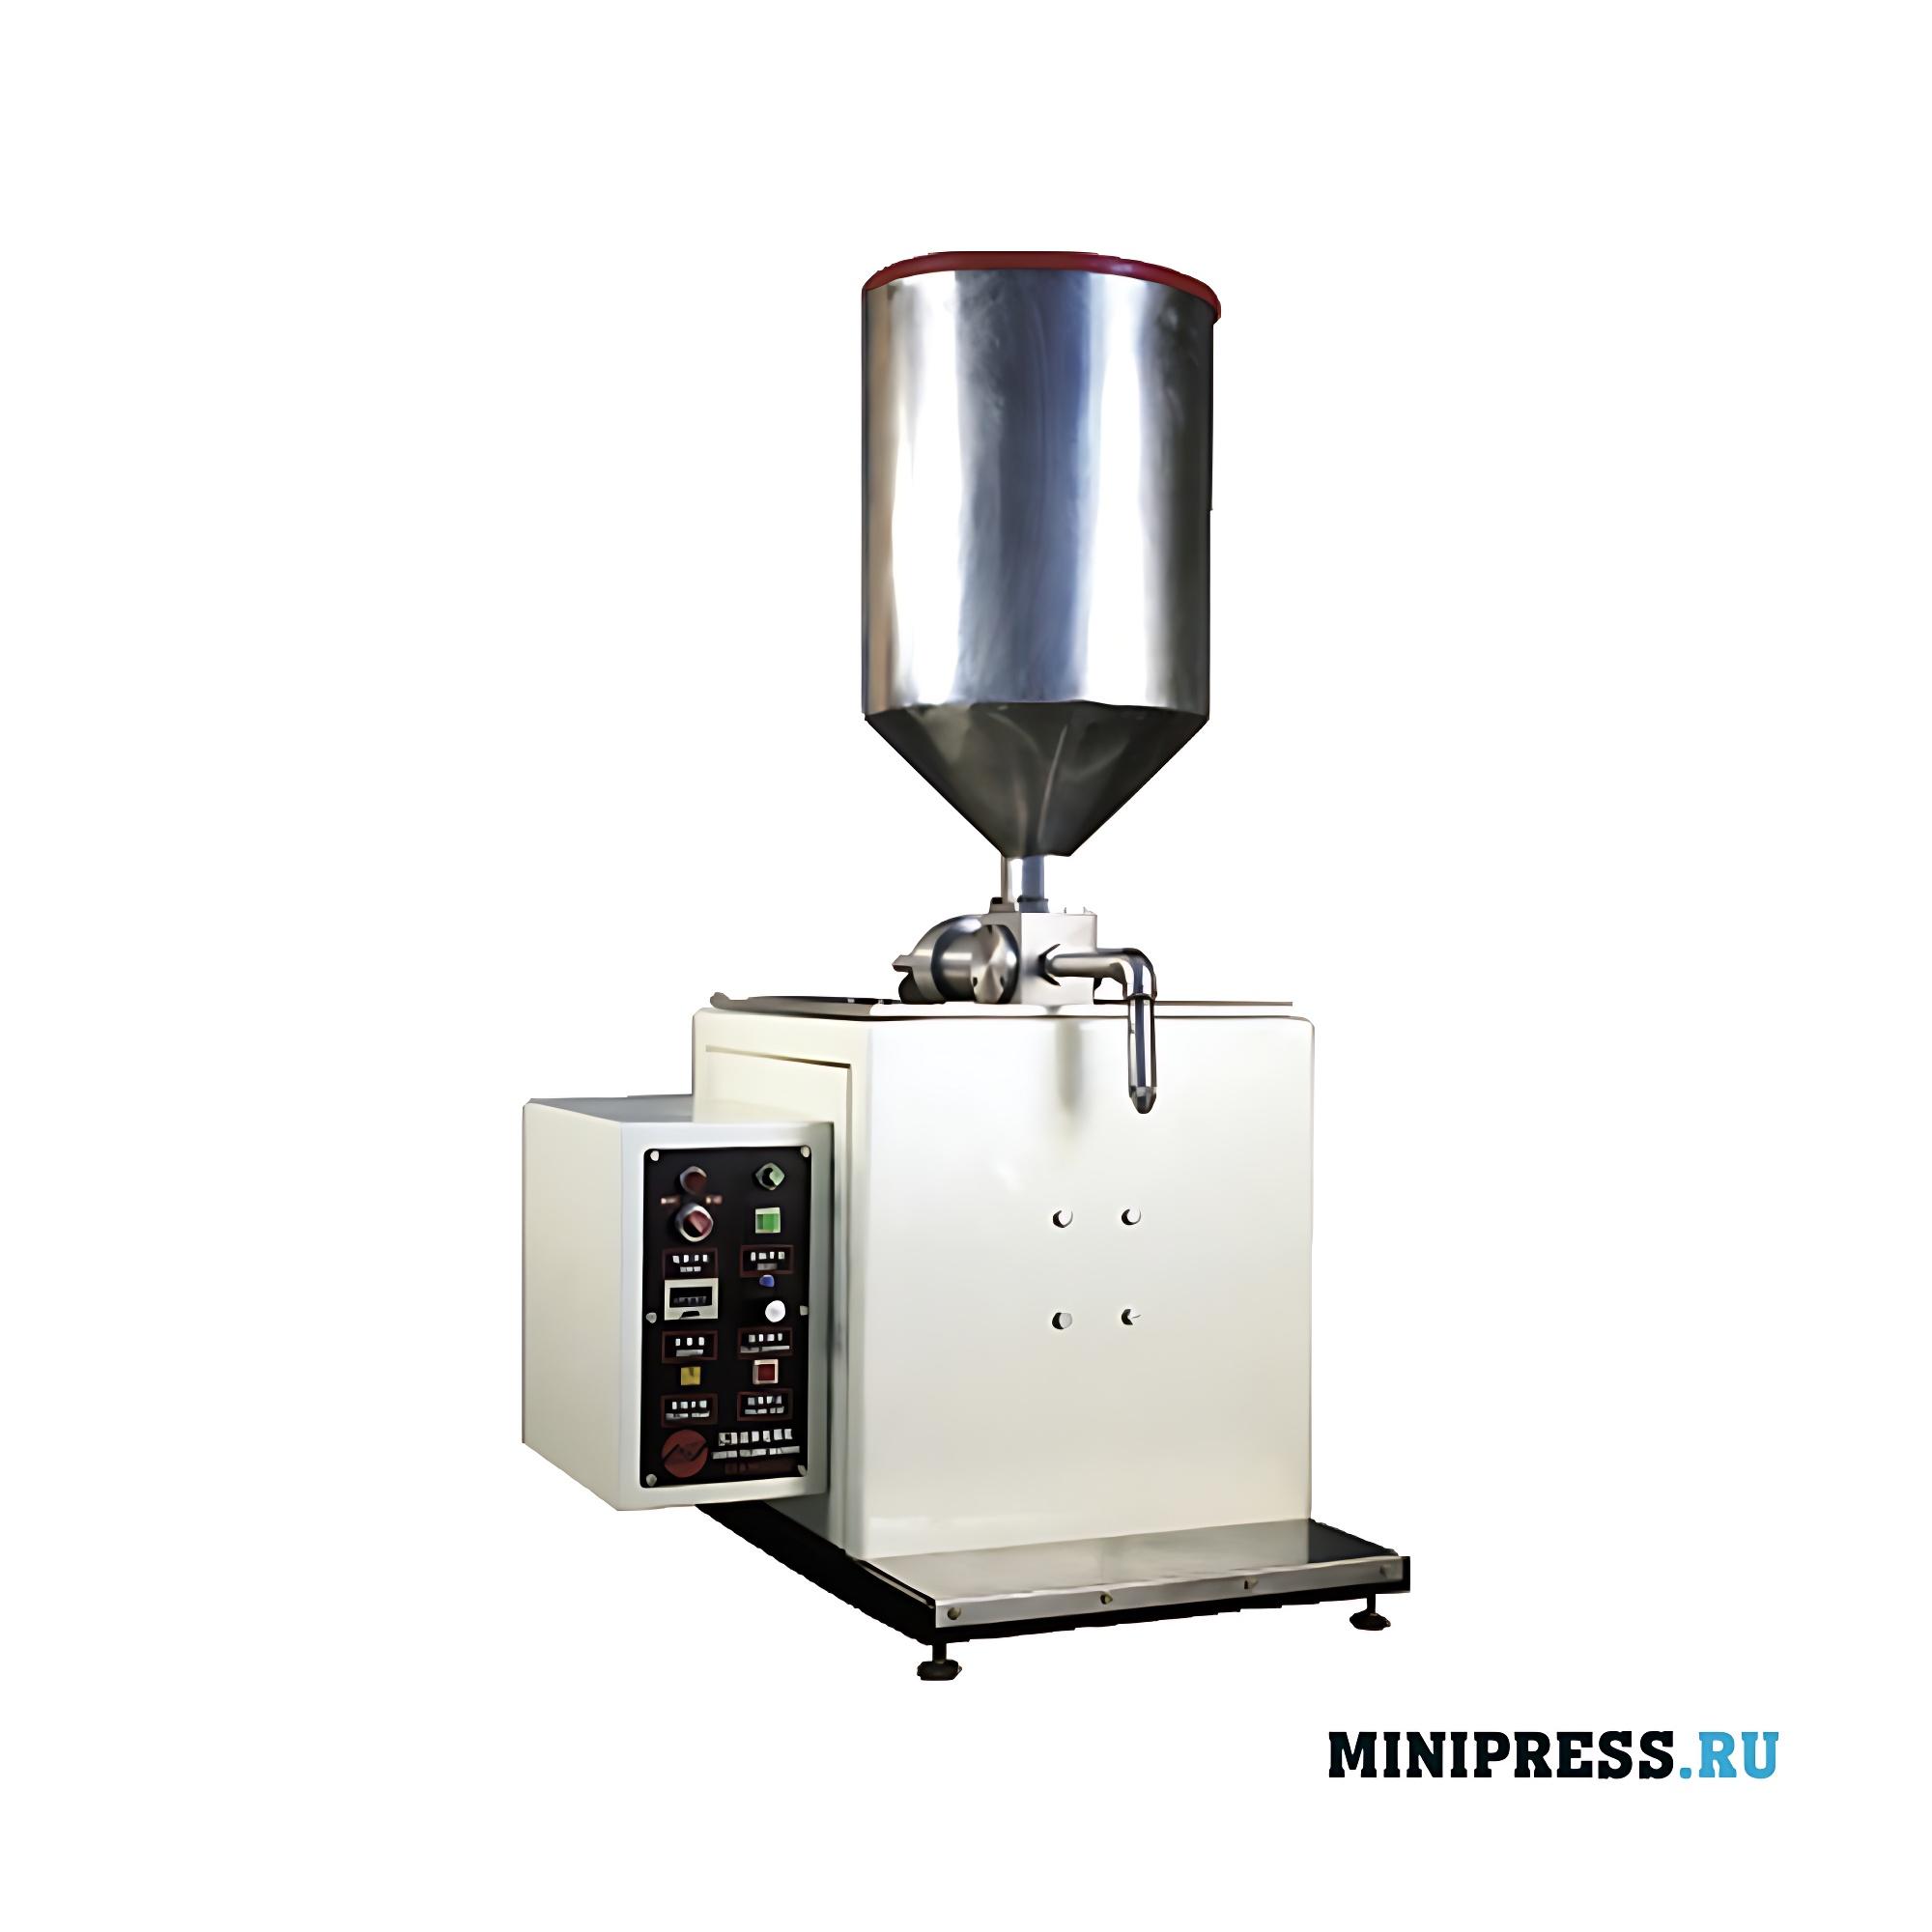 Оборудование для розлива и упаковки жидкостей